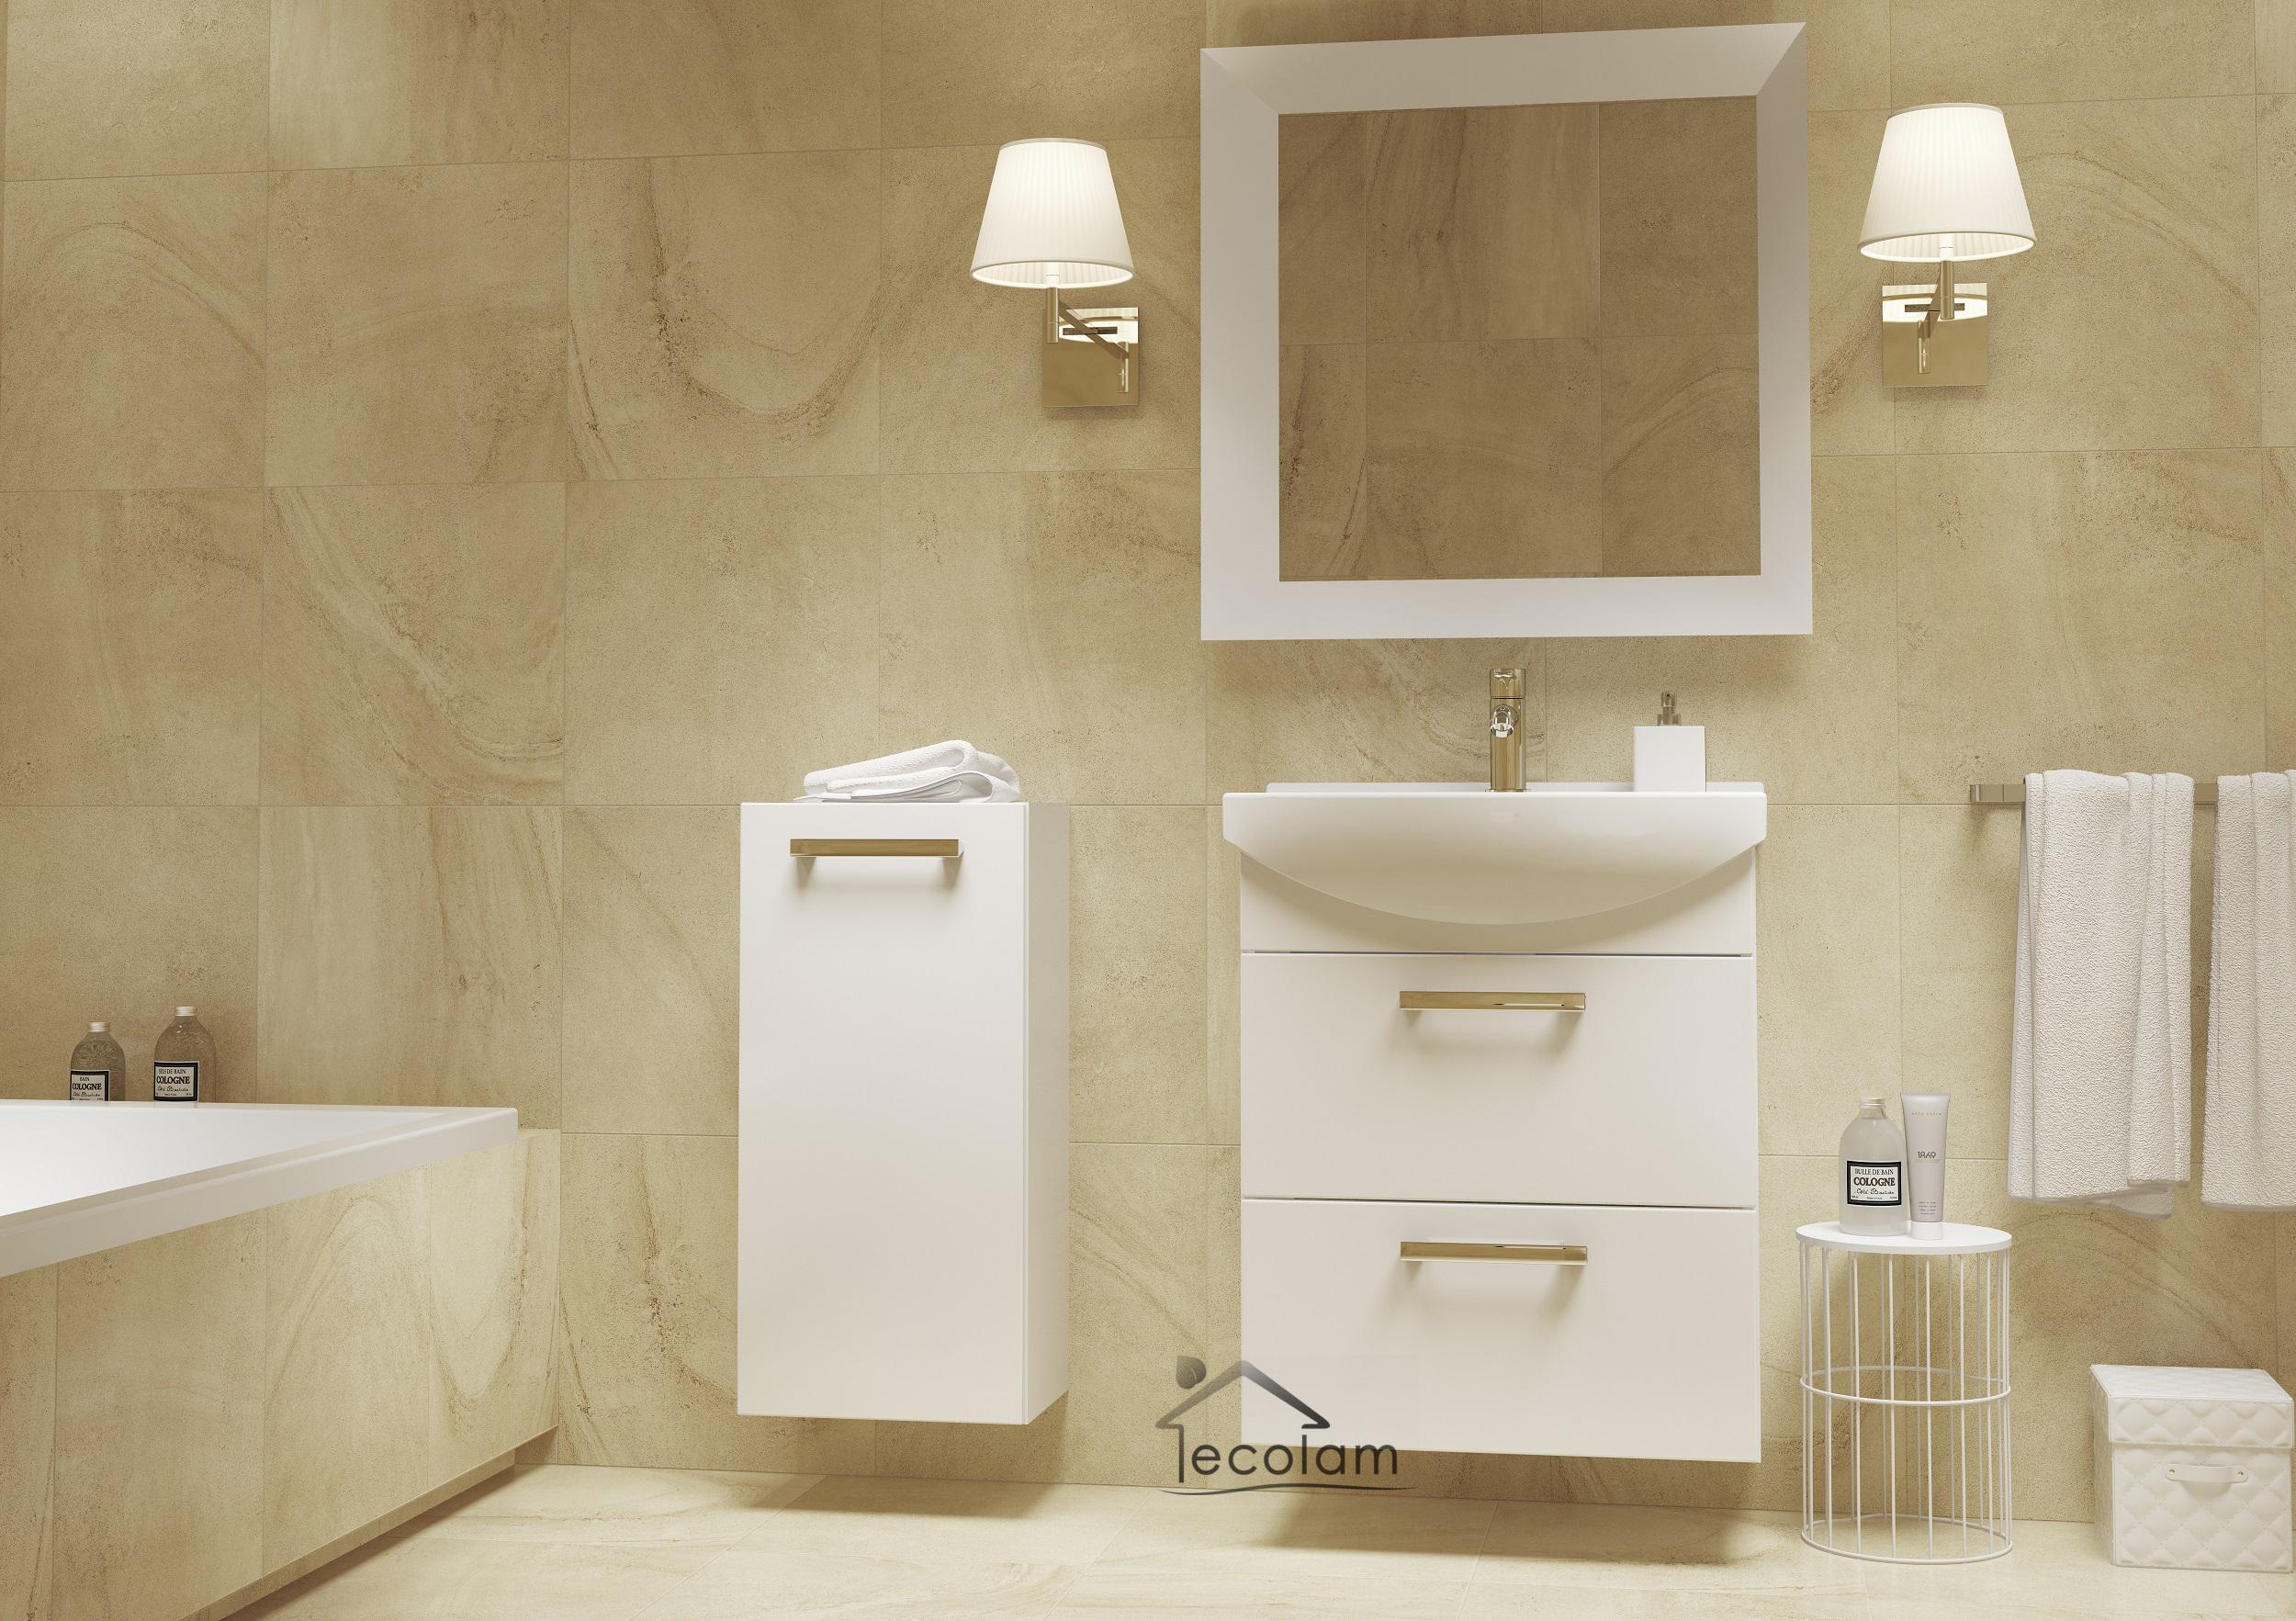 Waschbeckenunterschrank hängend  Badmöbel Waschbecken 55 cm hängend Waschbeckenunterschrank ...